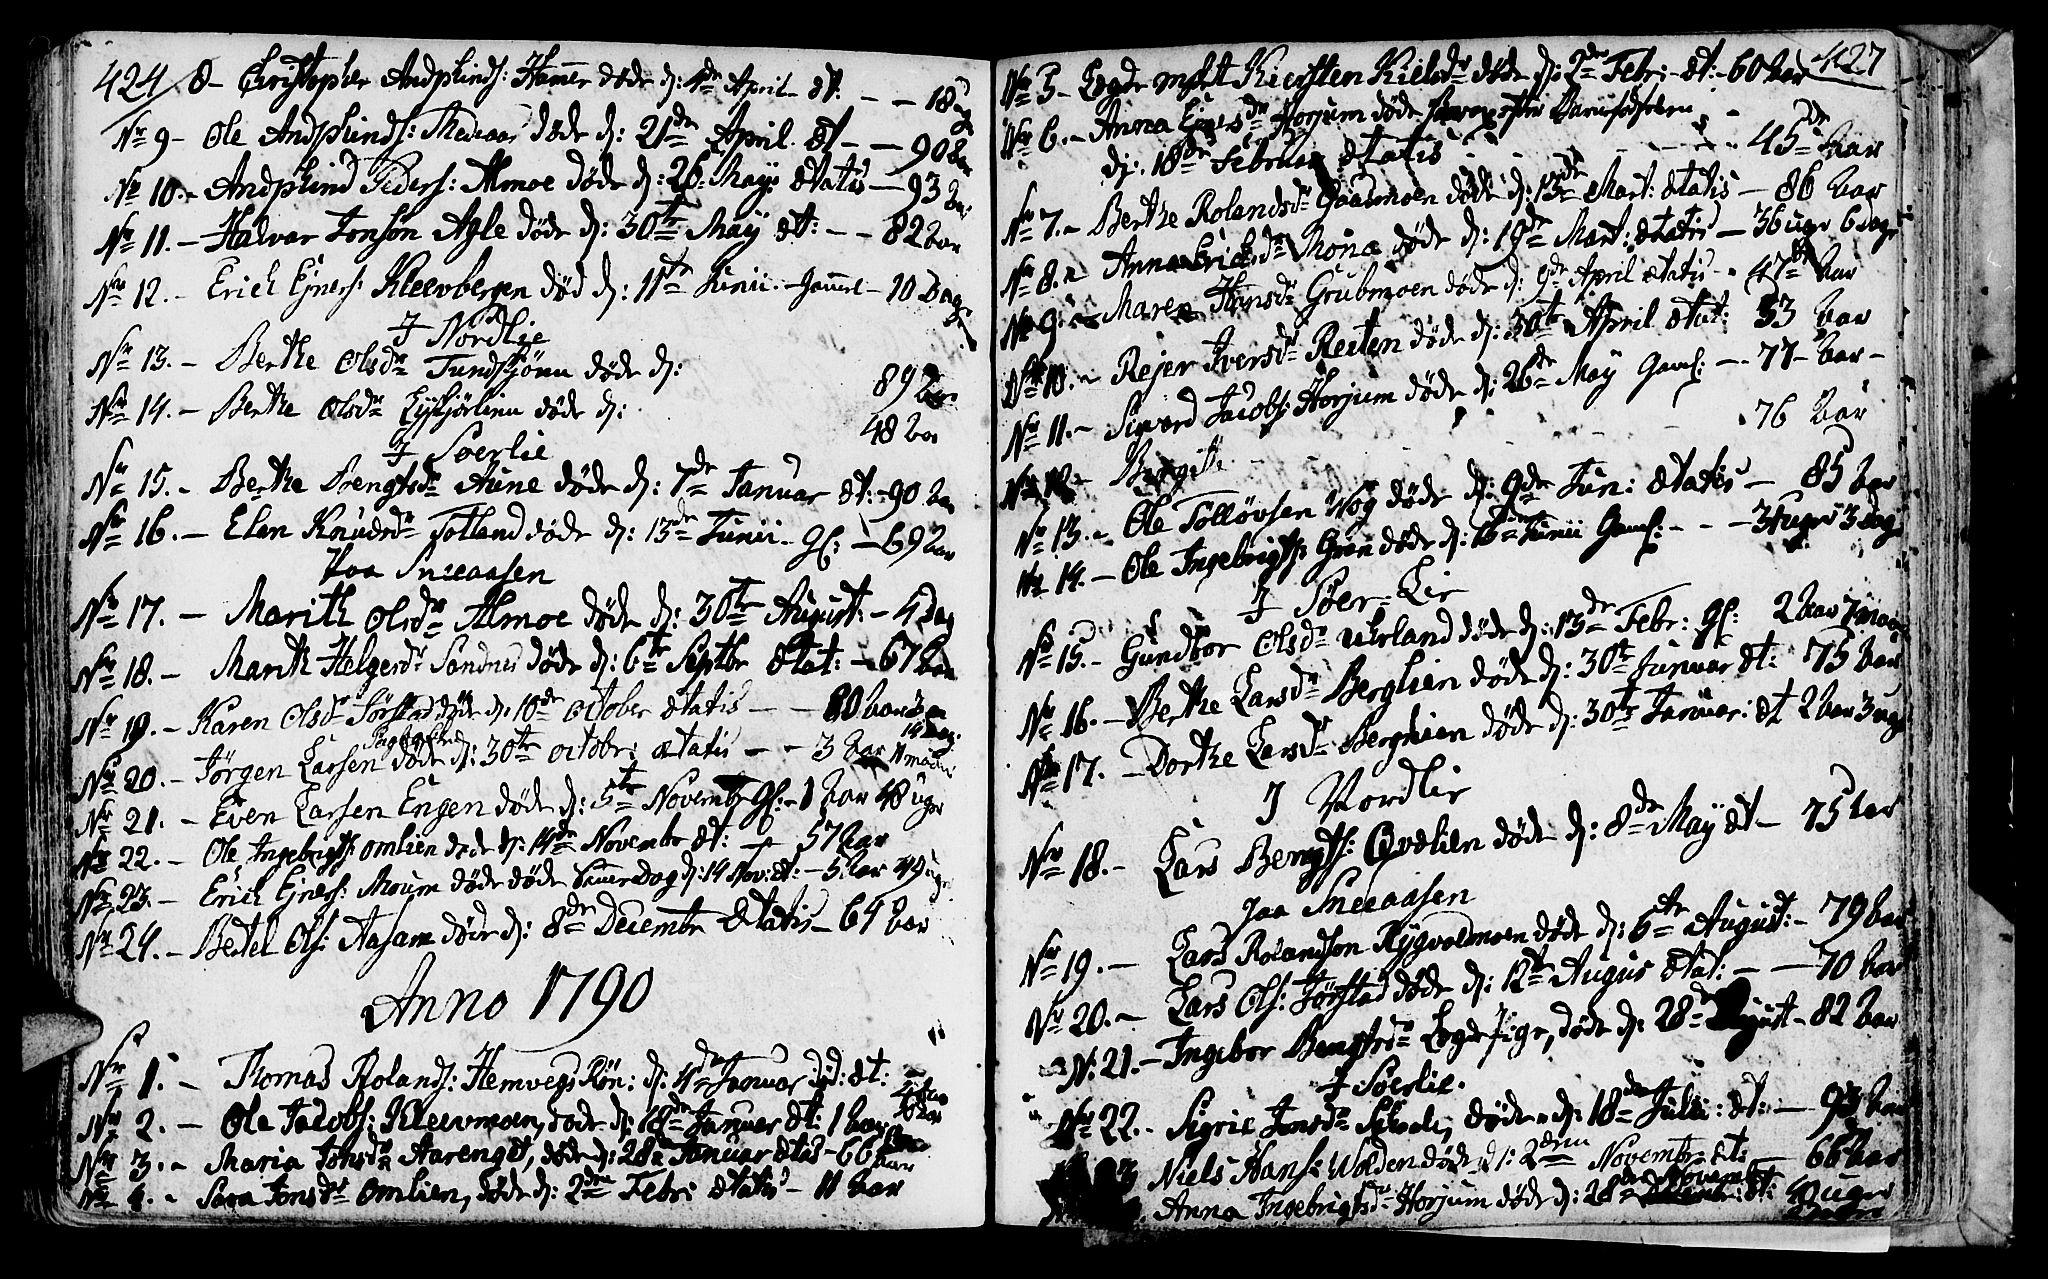 SAT, Ministerialprotokoller, klokkerbøker og fødselsregistre - Nord-Trøndelag, 749/L0468: Ministerialbok nr. 749A02, 1787-1817, s. 424-425